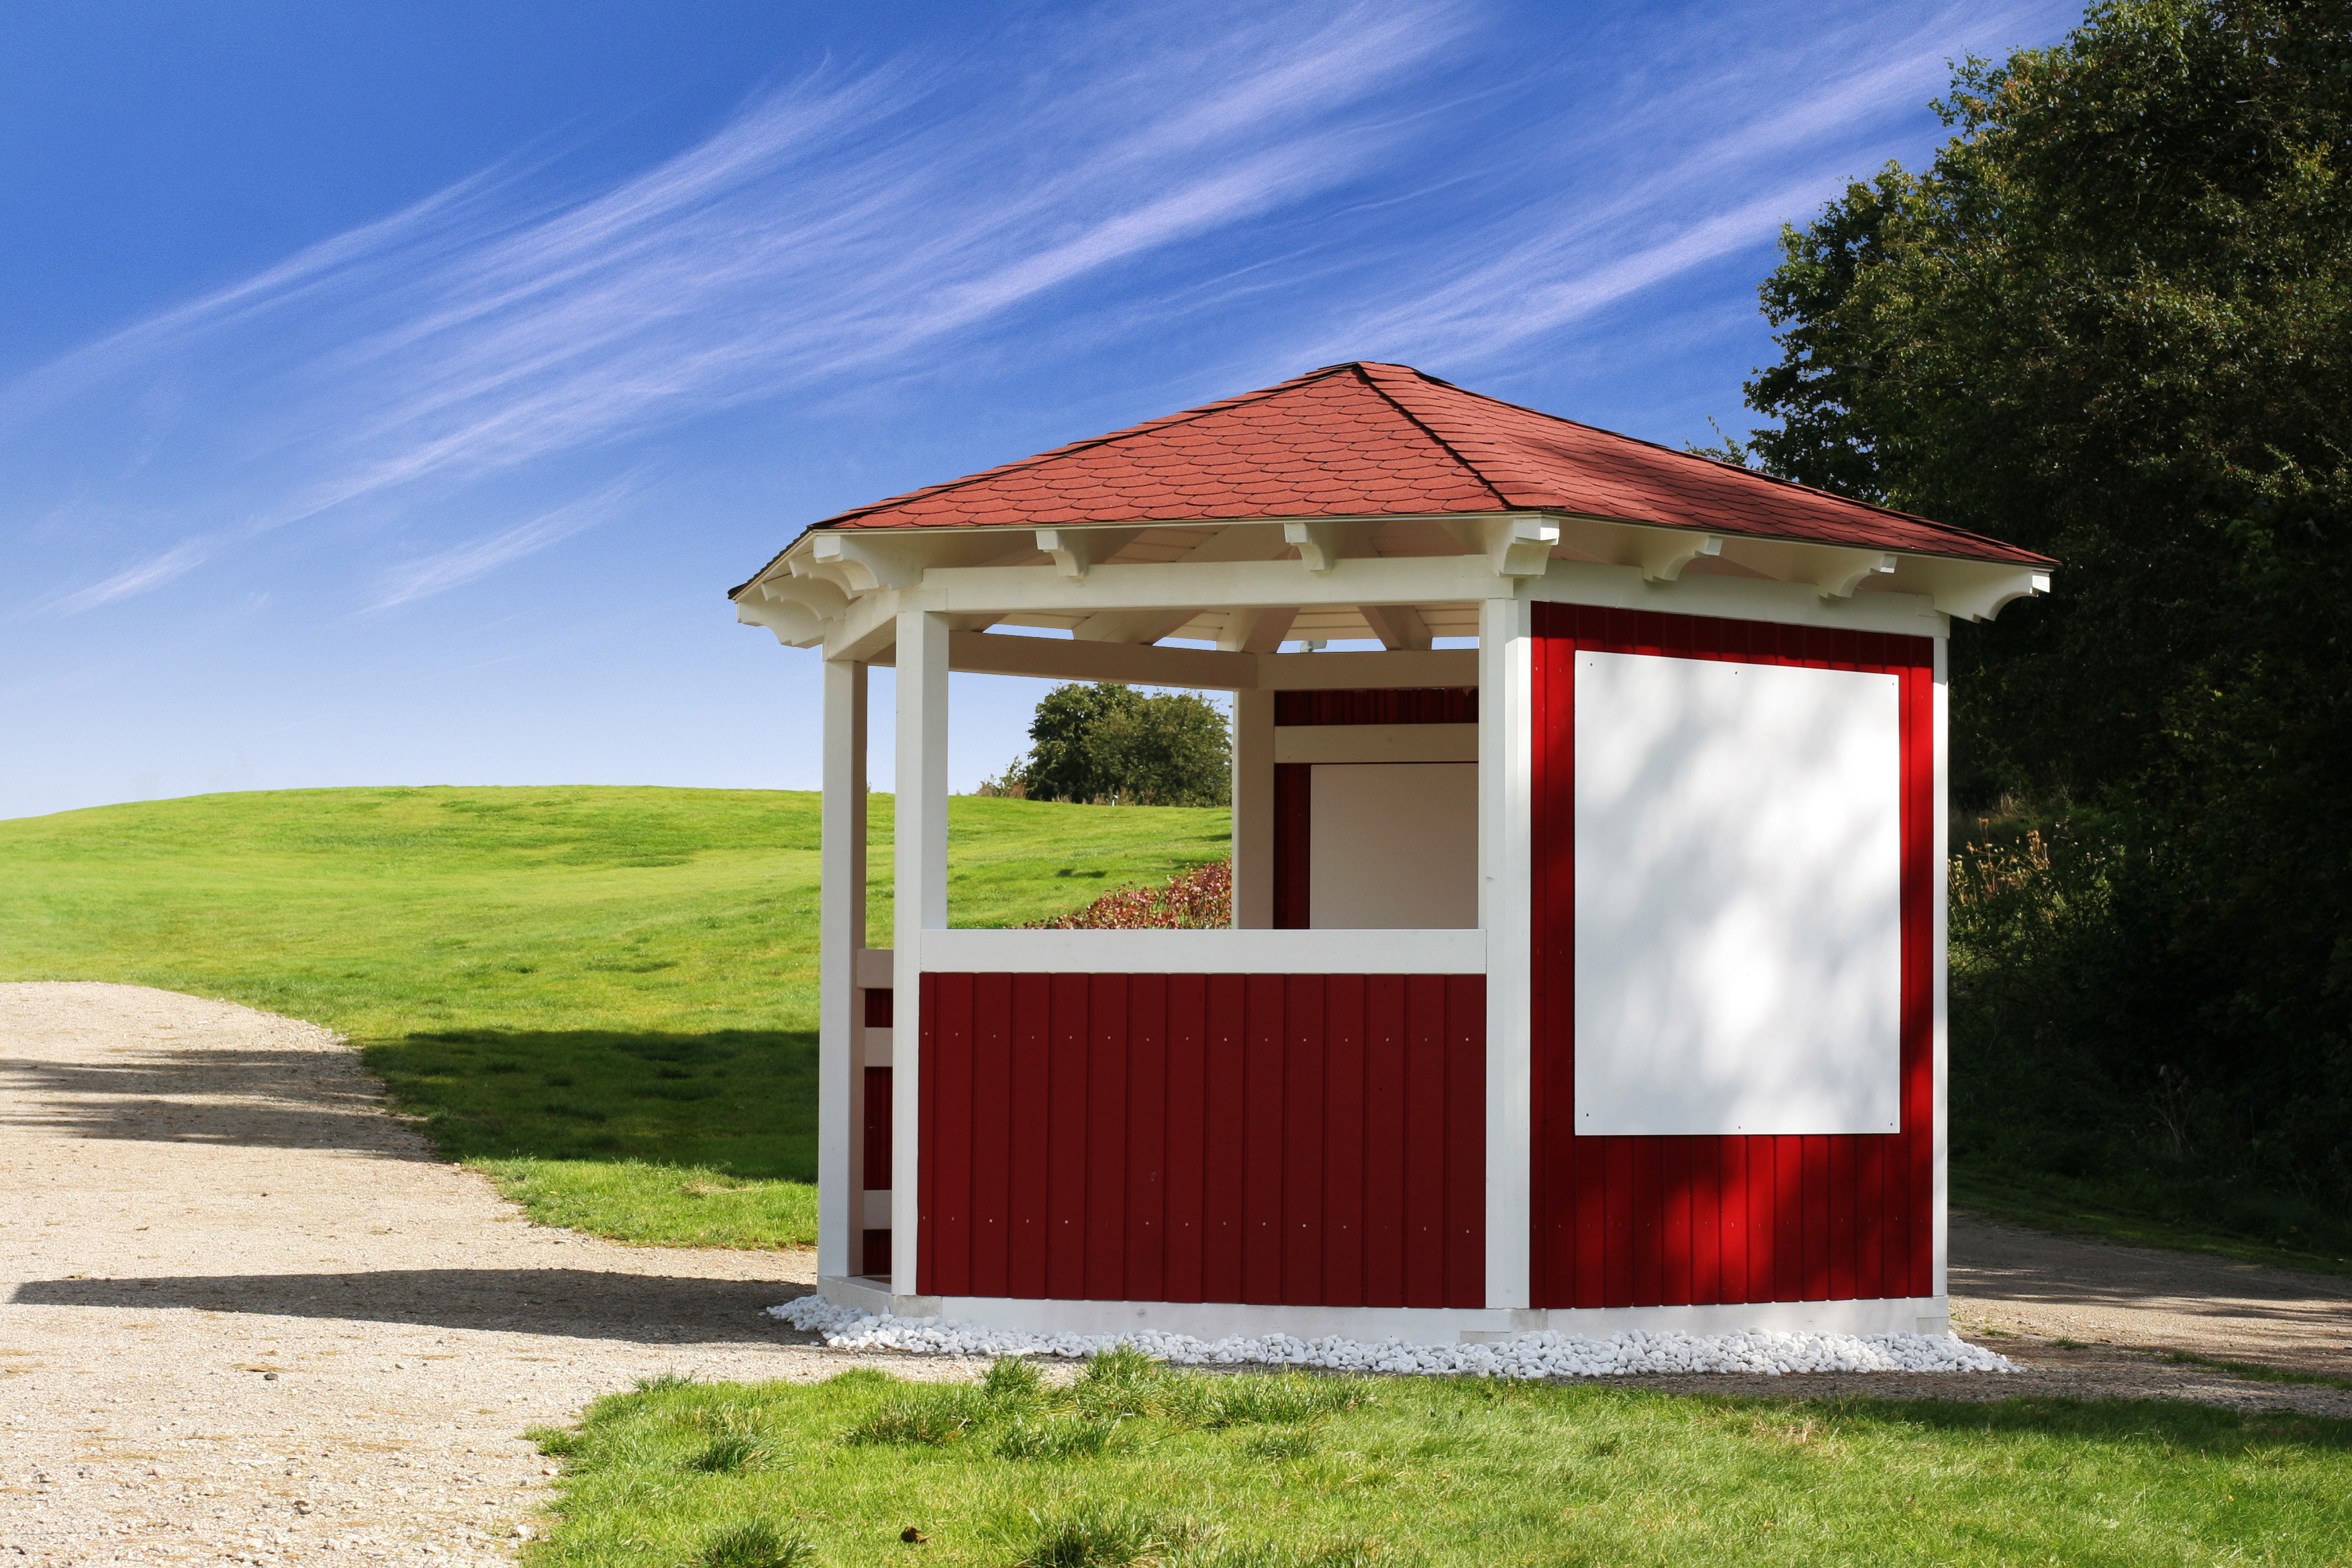 tonziegel preise tonziegel preise damit beim dachbau. Black Bedroom Furniture Sets. Home Design Ideas